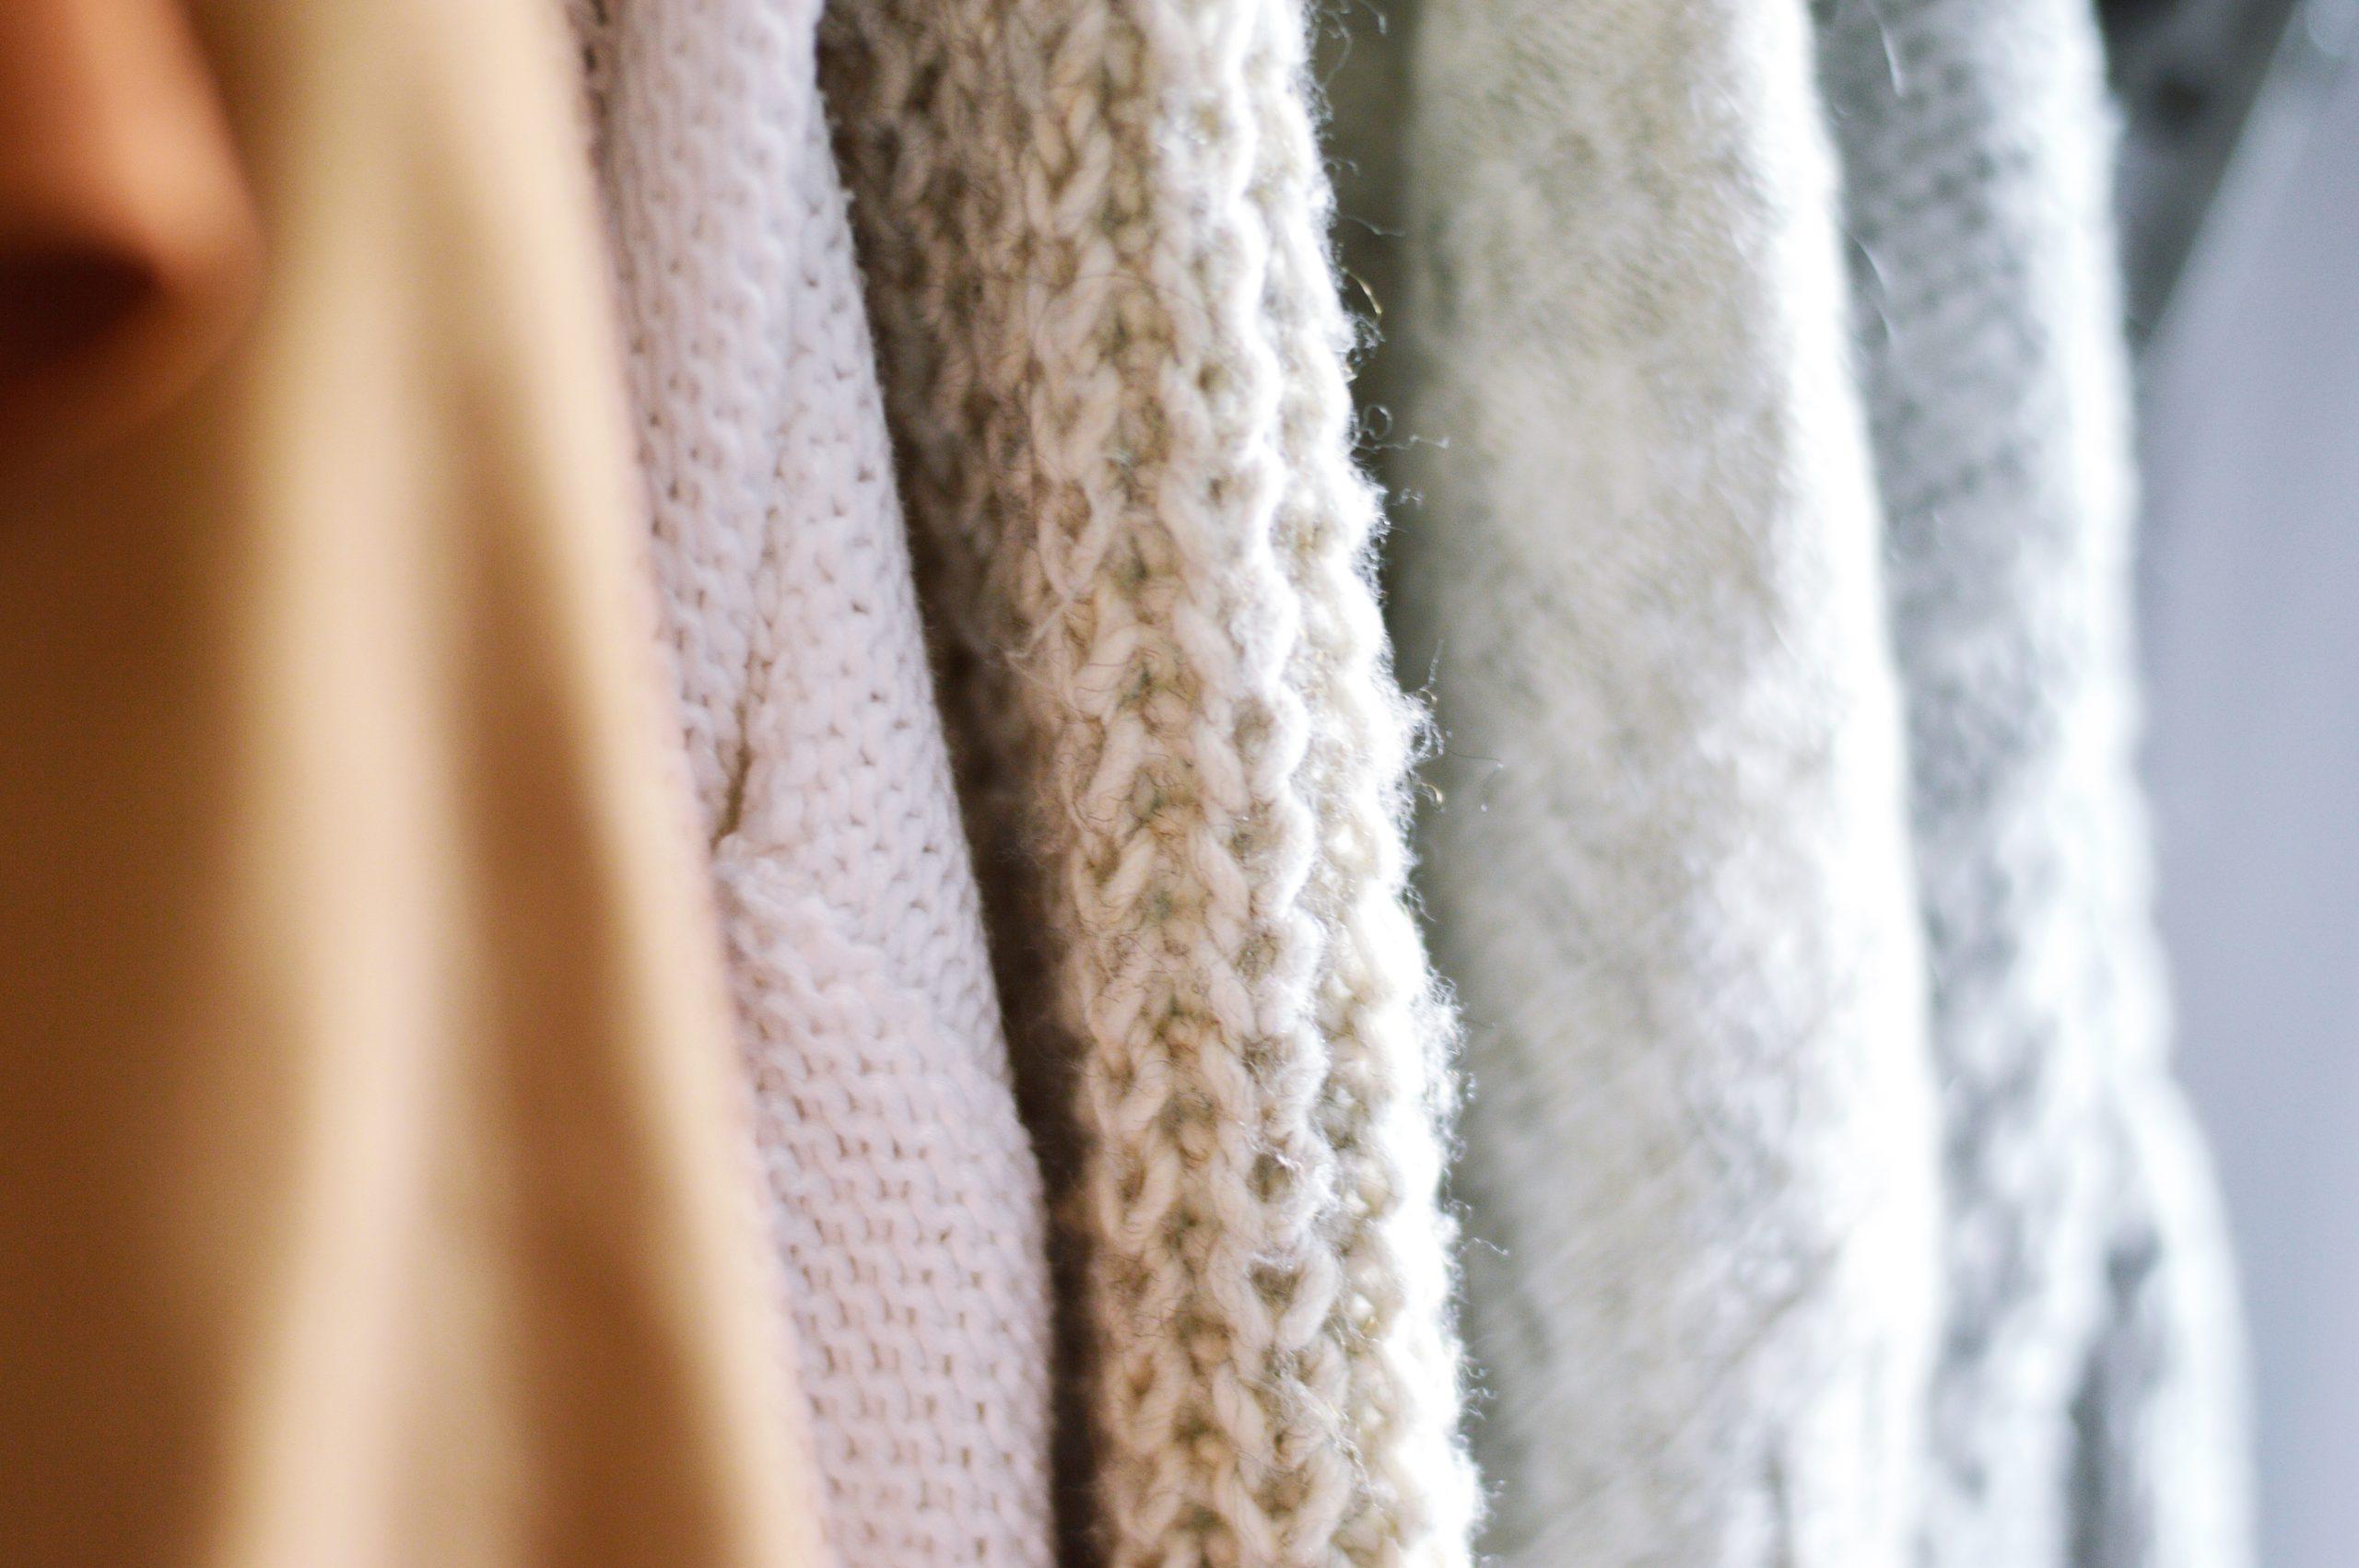 Conheça um pouco mais sobre tecidos ecológicos e sustentáveis